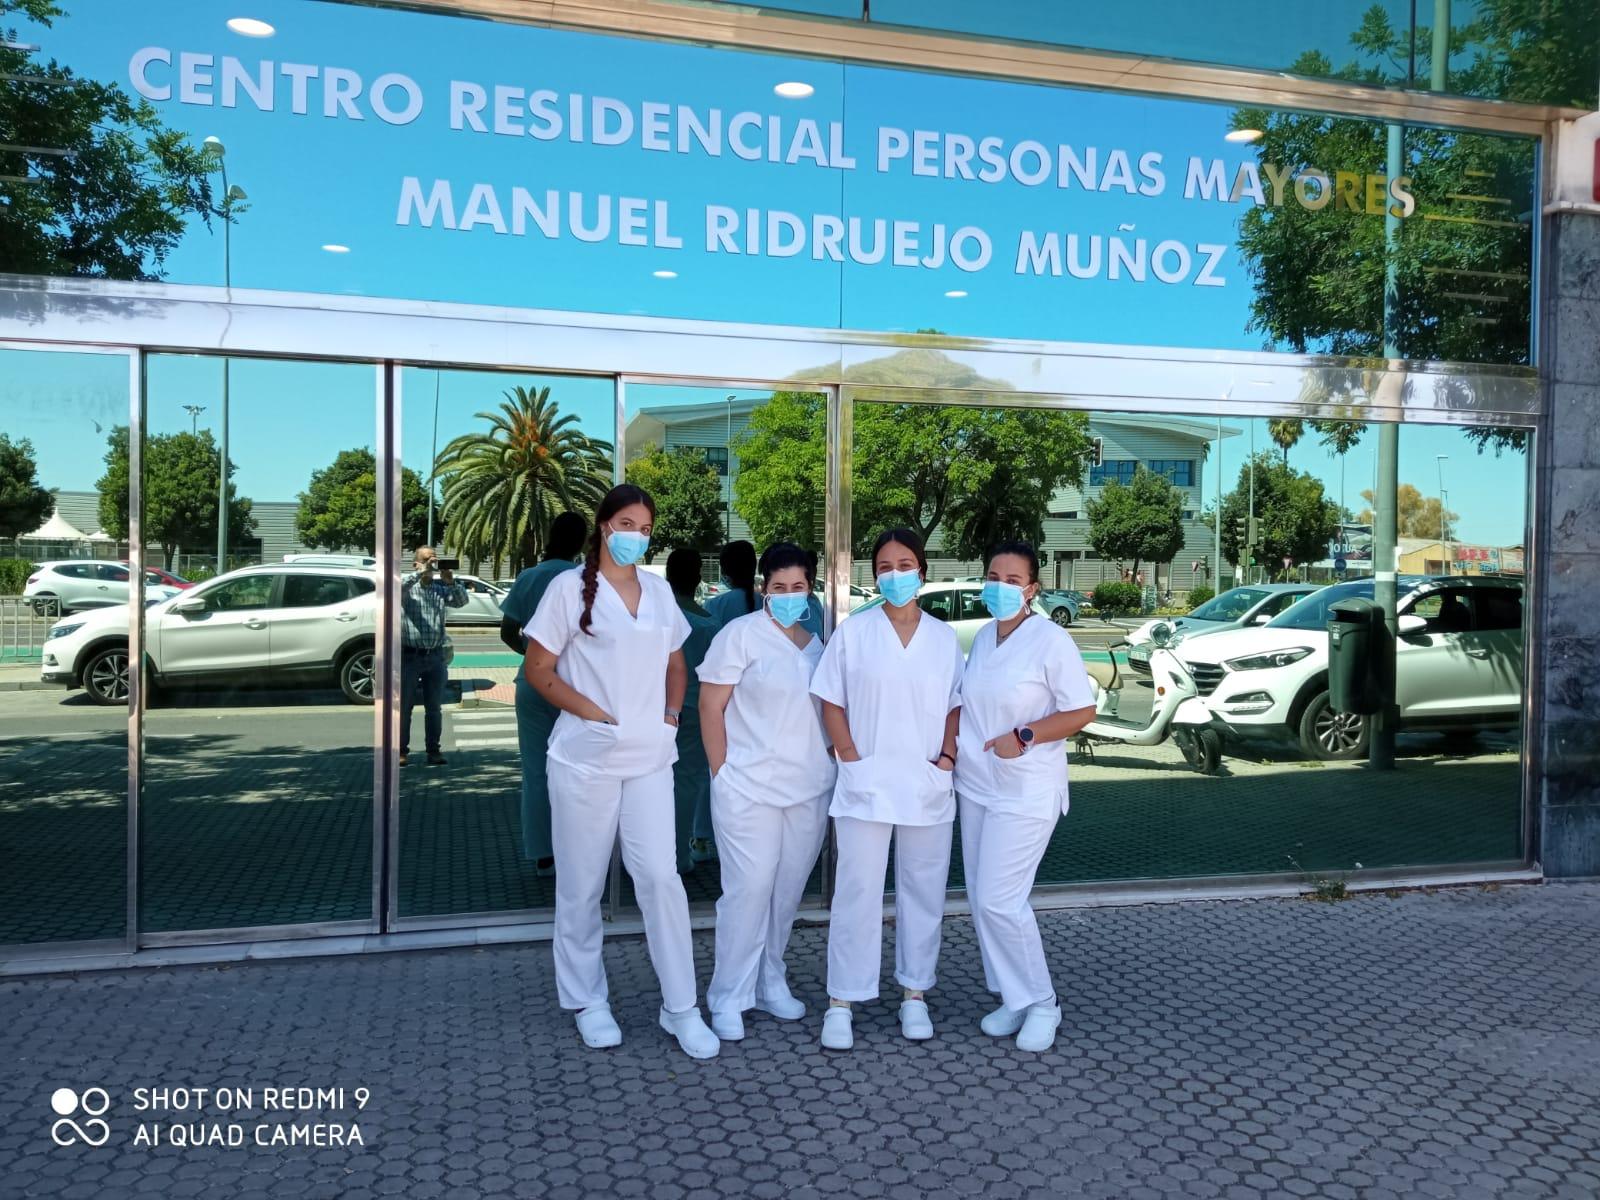 Residencia-Manuel-Ridruejo-Laura-Rivas-M.-Mar-Montero-y-Lucía-Murianaro-Natalia-Sánchez-y